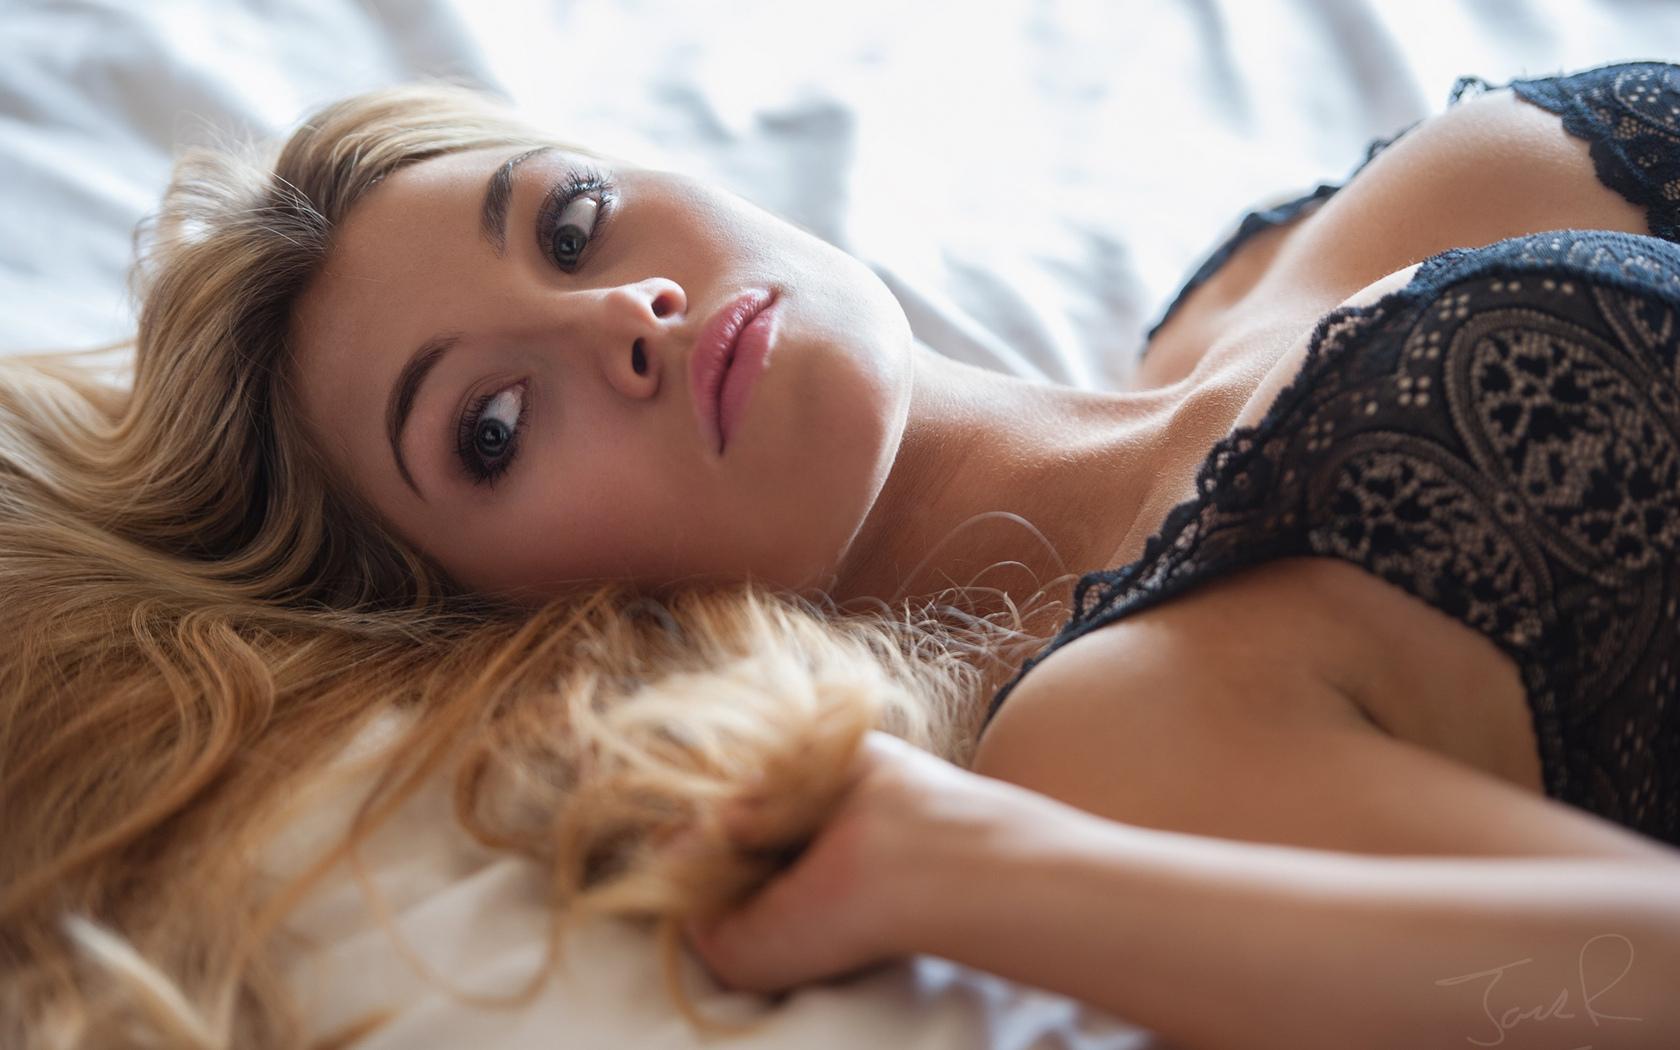 девушка, модель, позирует, в белье, взгляд